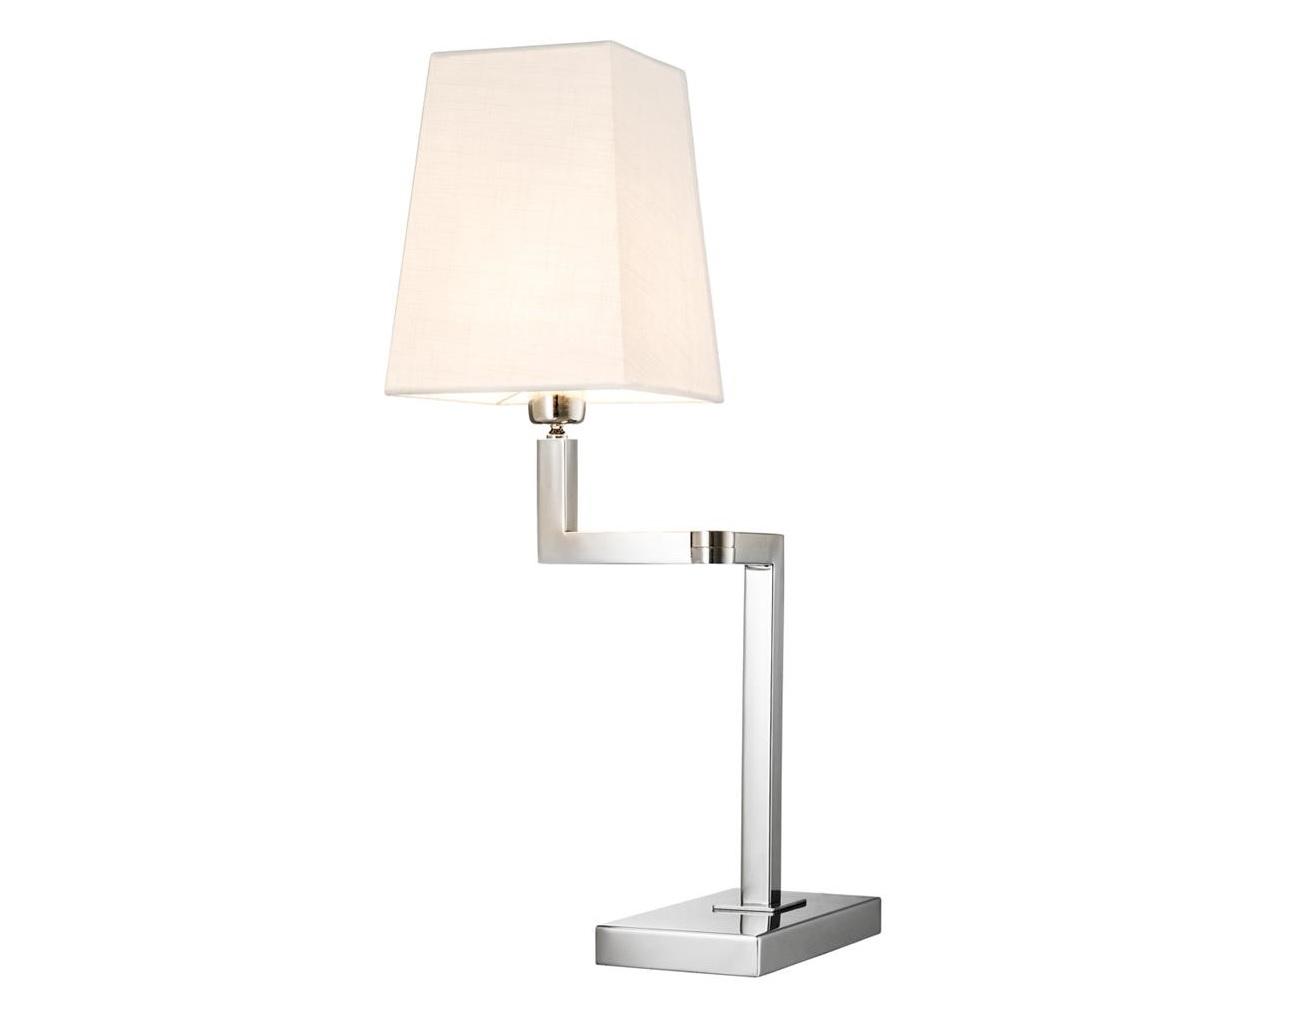 Настольная лампа Table Lamp CambellДекоративные лампы<br>&amp;lt;div&amp;gt;Вид цоколя: E27&amp;lt;br&amp;gt;&amp;lt;/div&amp;gt;&amp;lt;div&amp;gt;&amp;lt;div&amp;gt;Мощность: 40W&amp;lt;/div&amp;gt;&amp;lt;div&amp;gt;Количество ламп: 1 (нет в комплекте)&amp;lt;/div&amp;gt;&amp;lt;/div&amp;gt;<br><br>Material: Металл<br>Width см: 28<br>Depth см: 20<br>Height см: 69